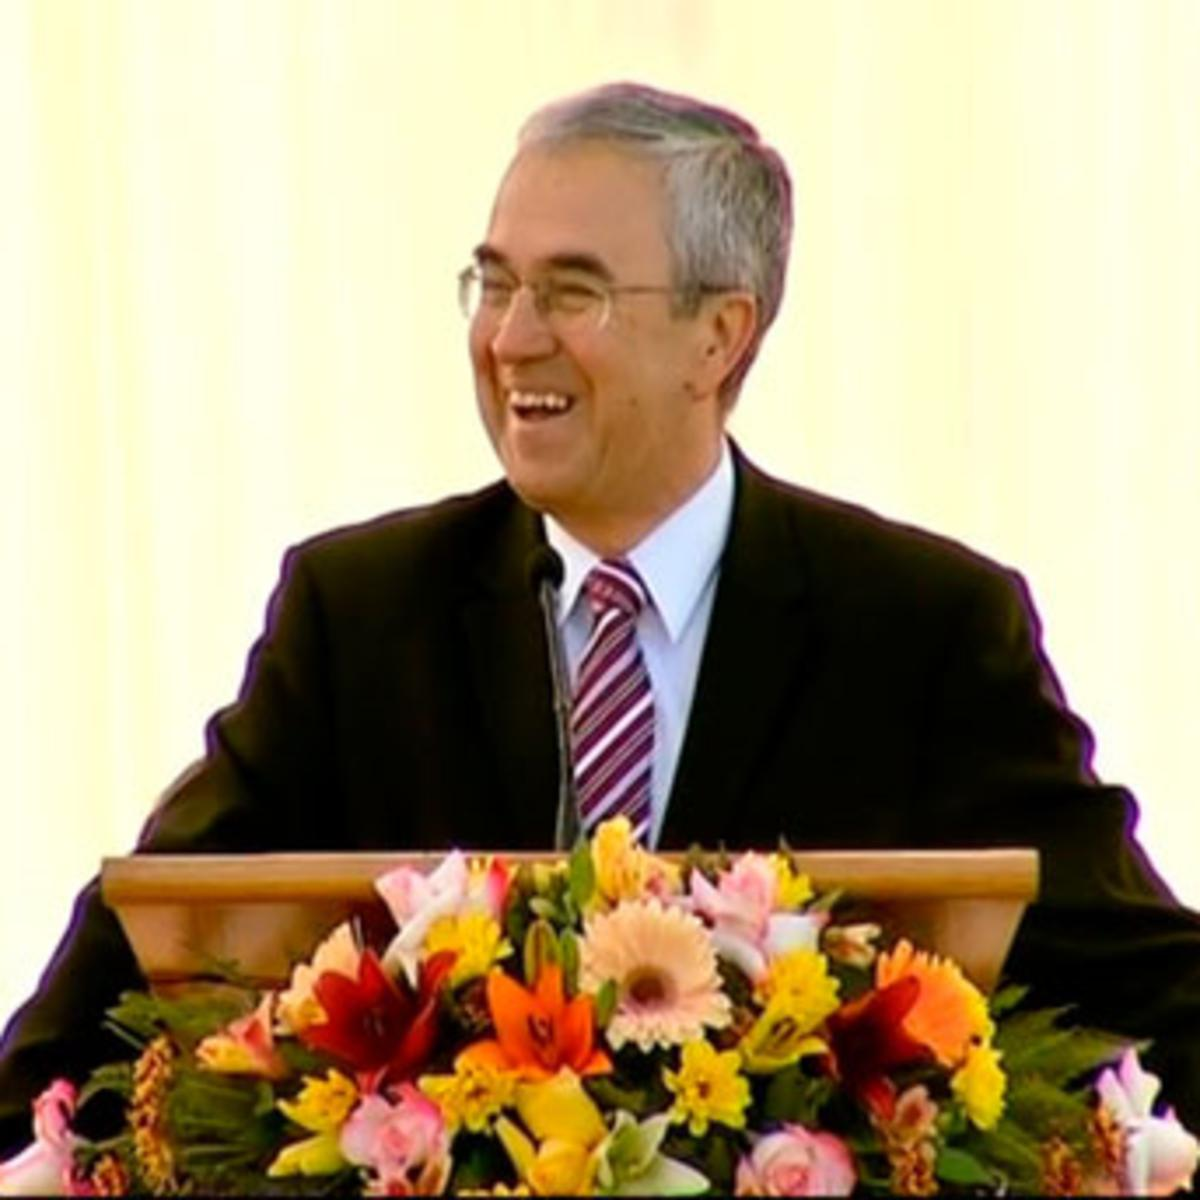 Elder Walter Gonzalez